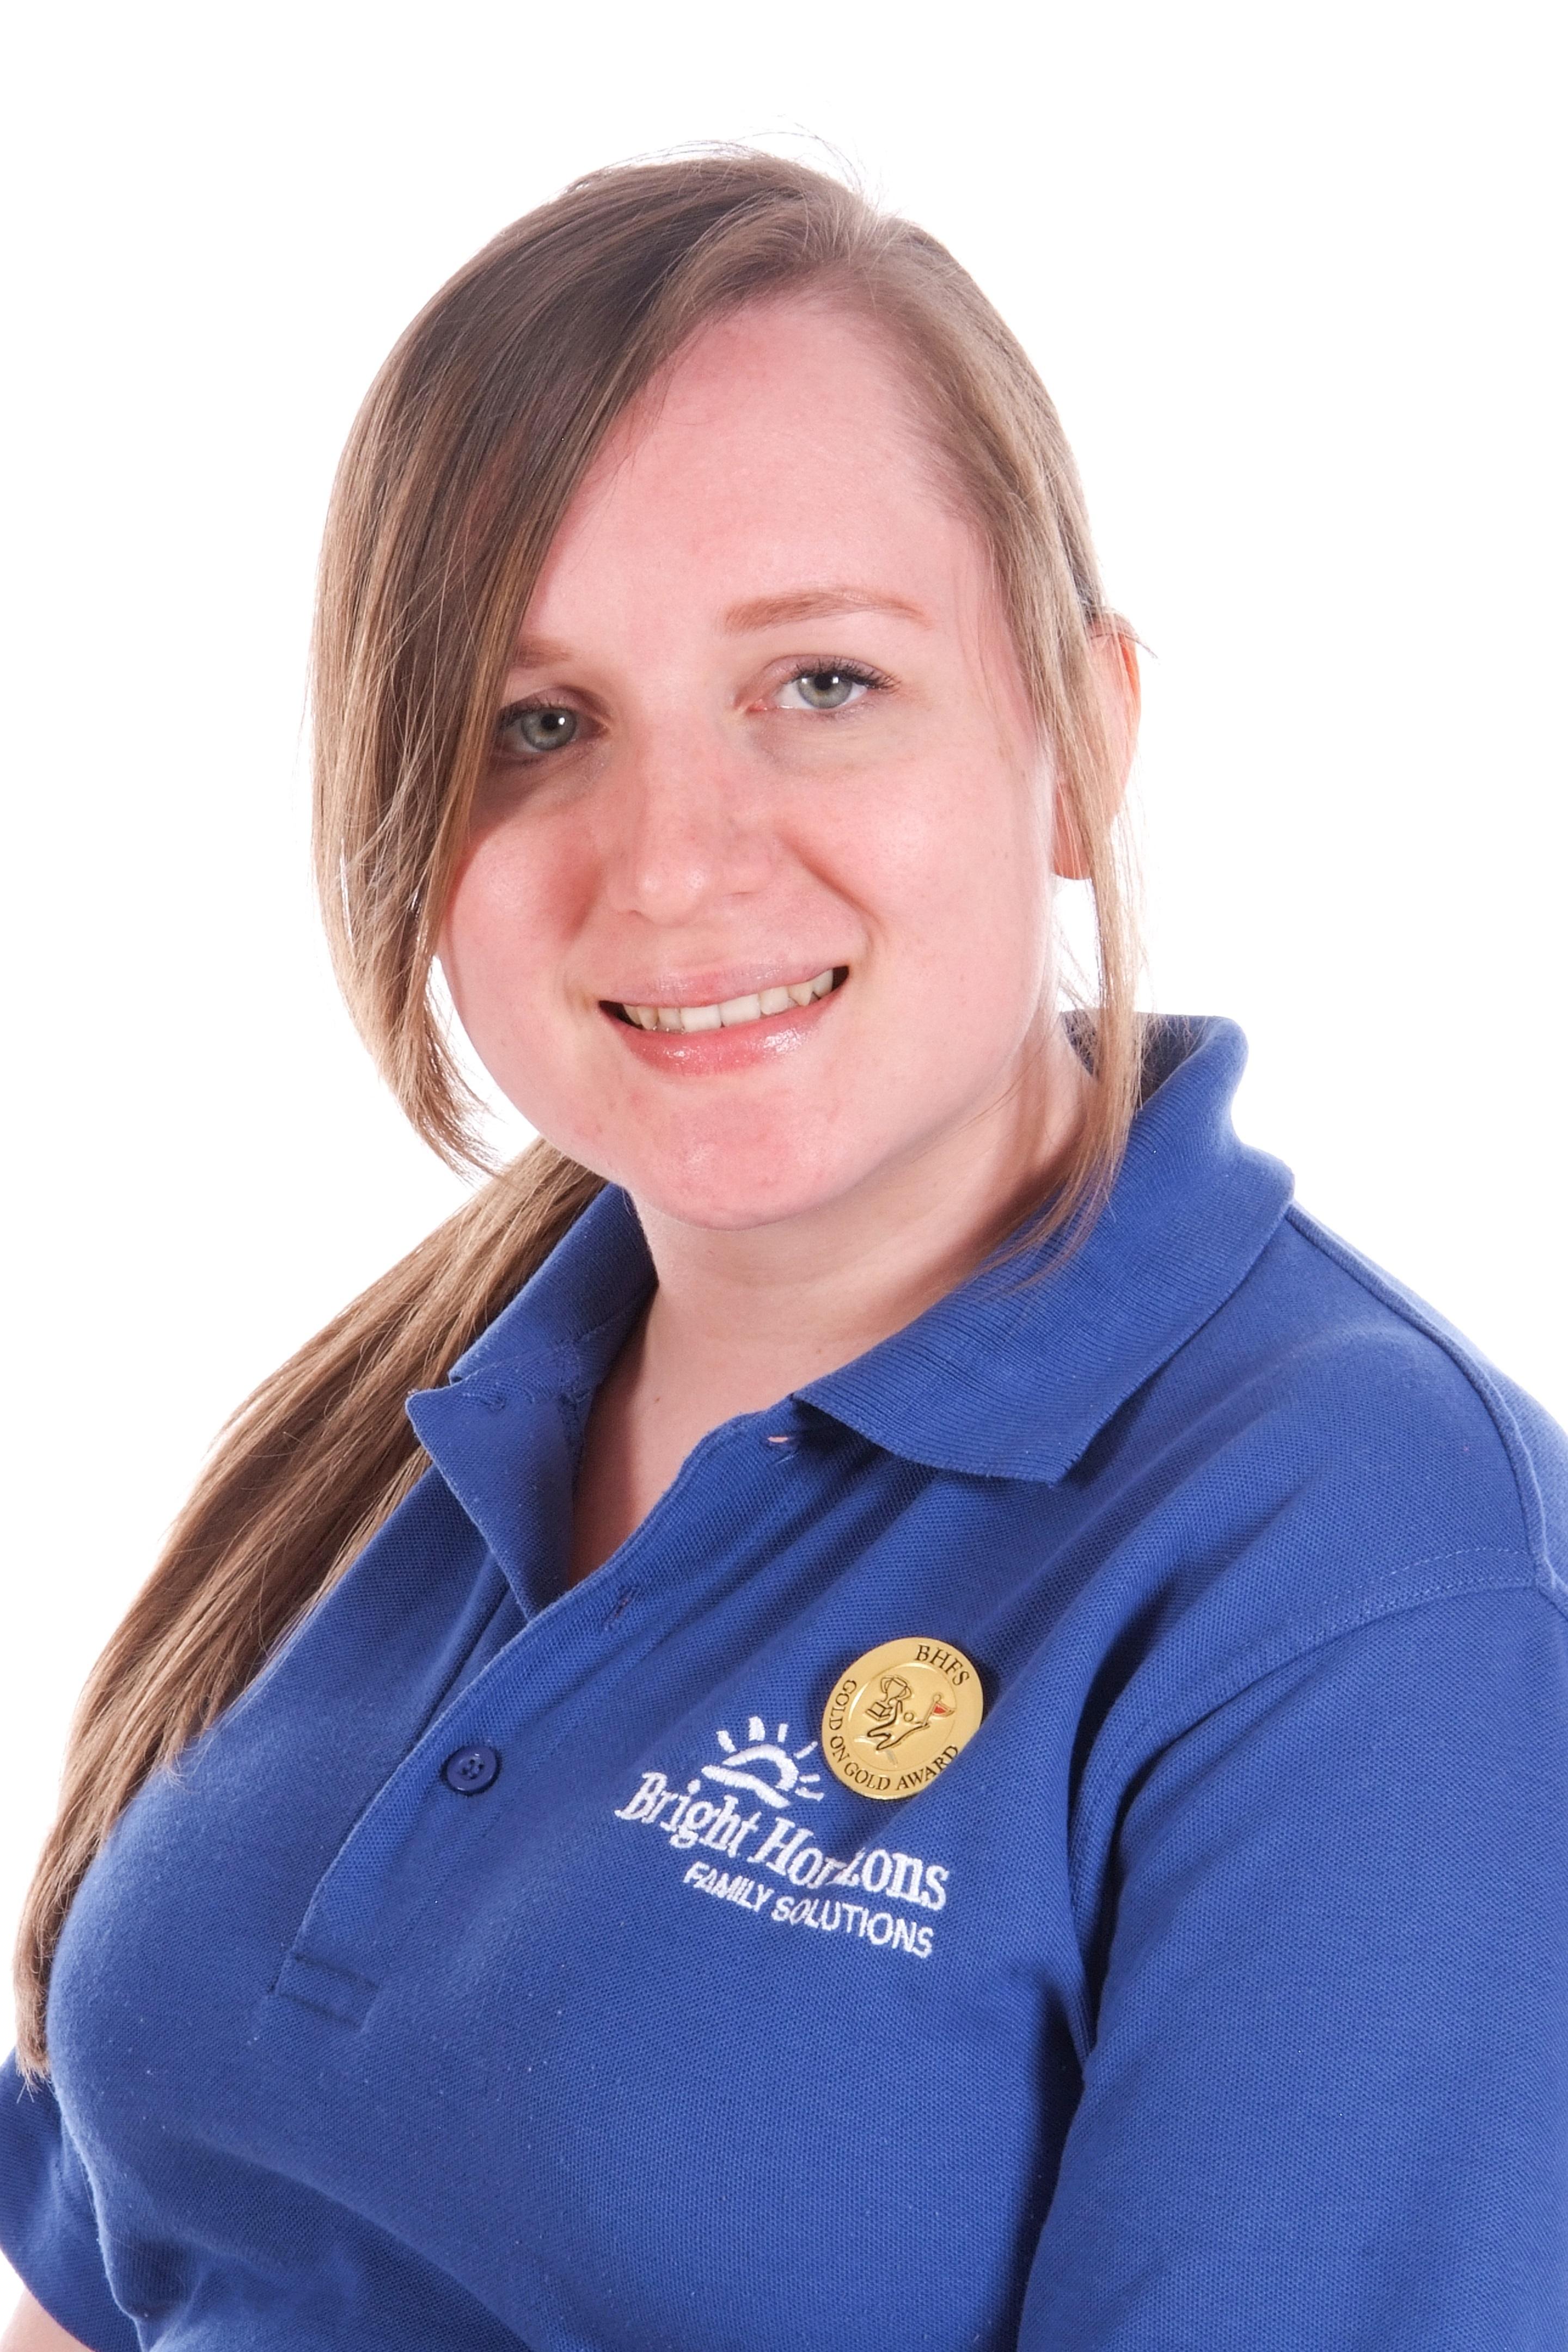 Jocelyn Earl - Deputy Nursery Manager